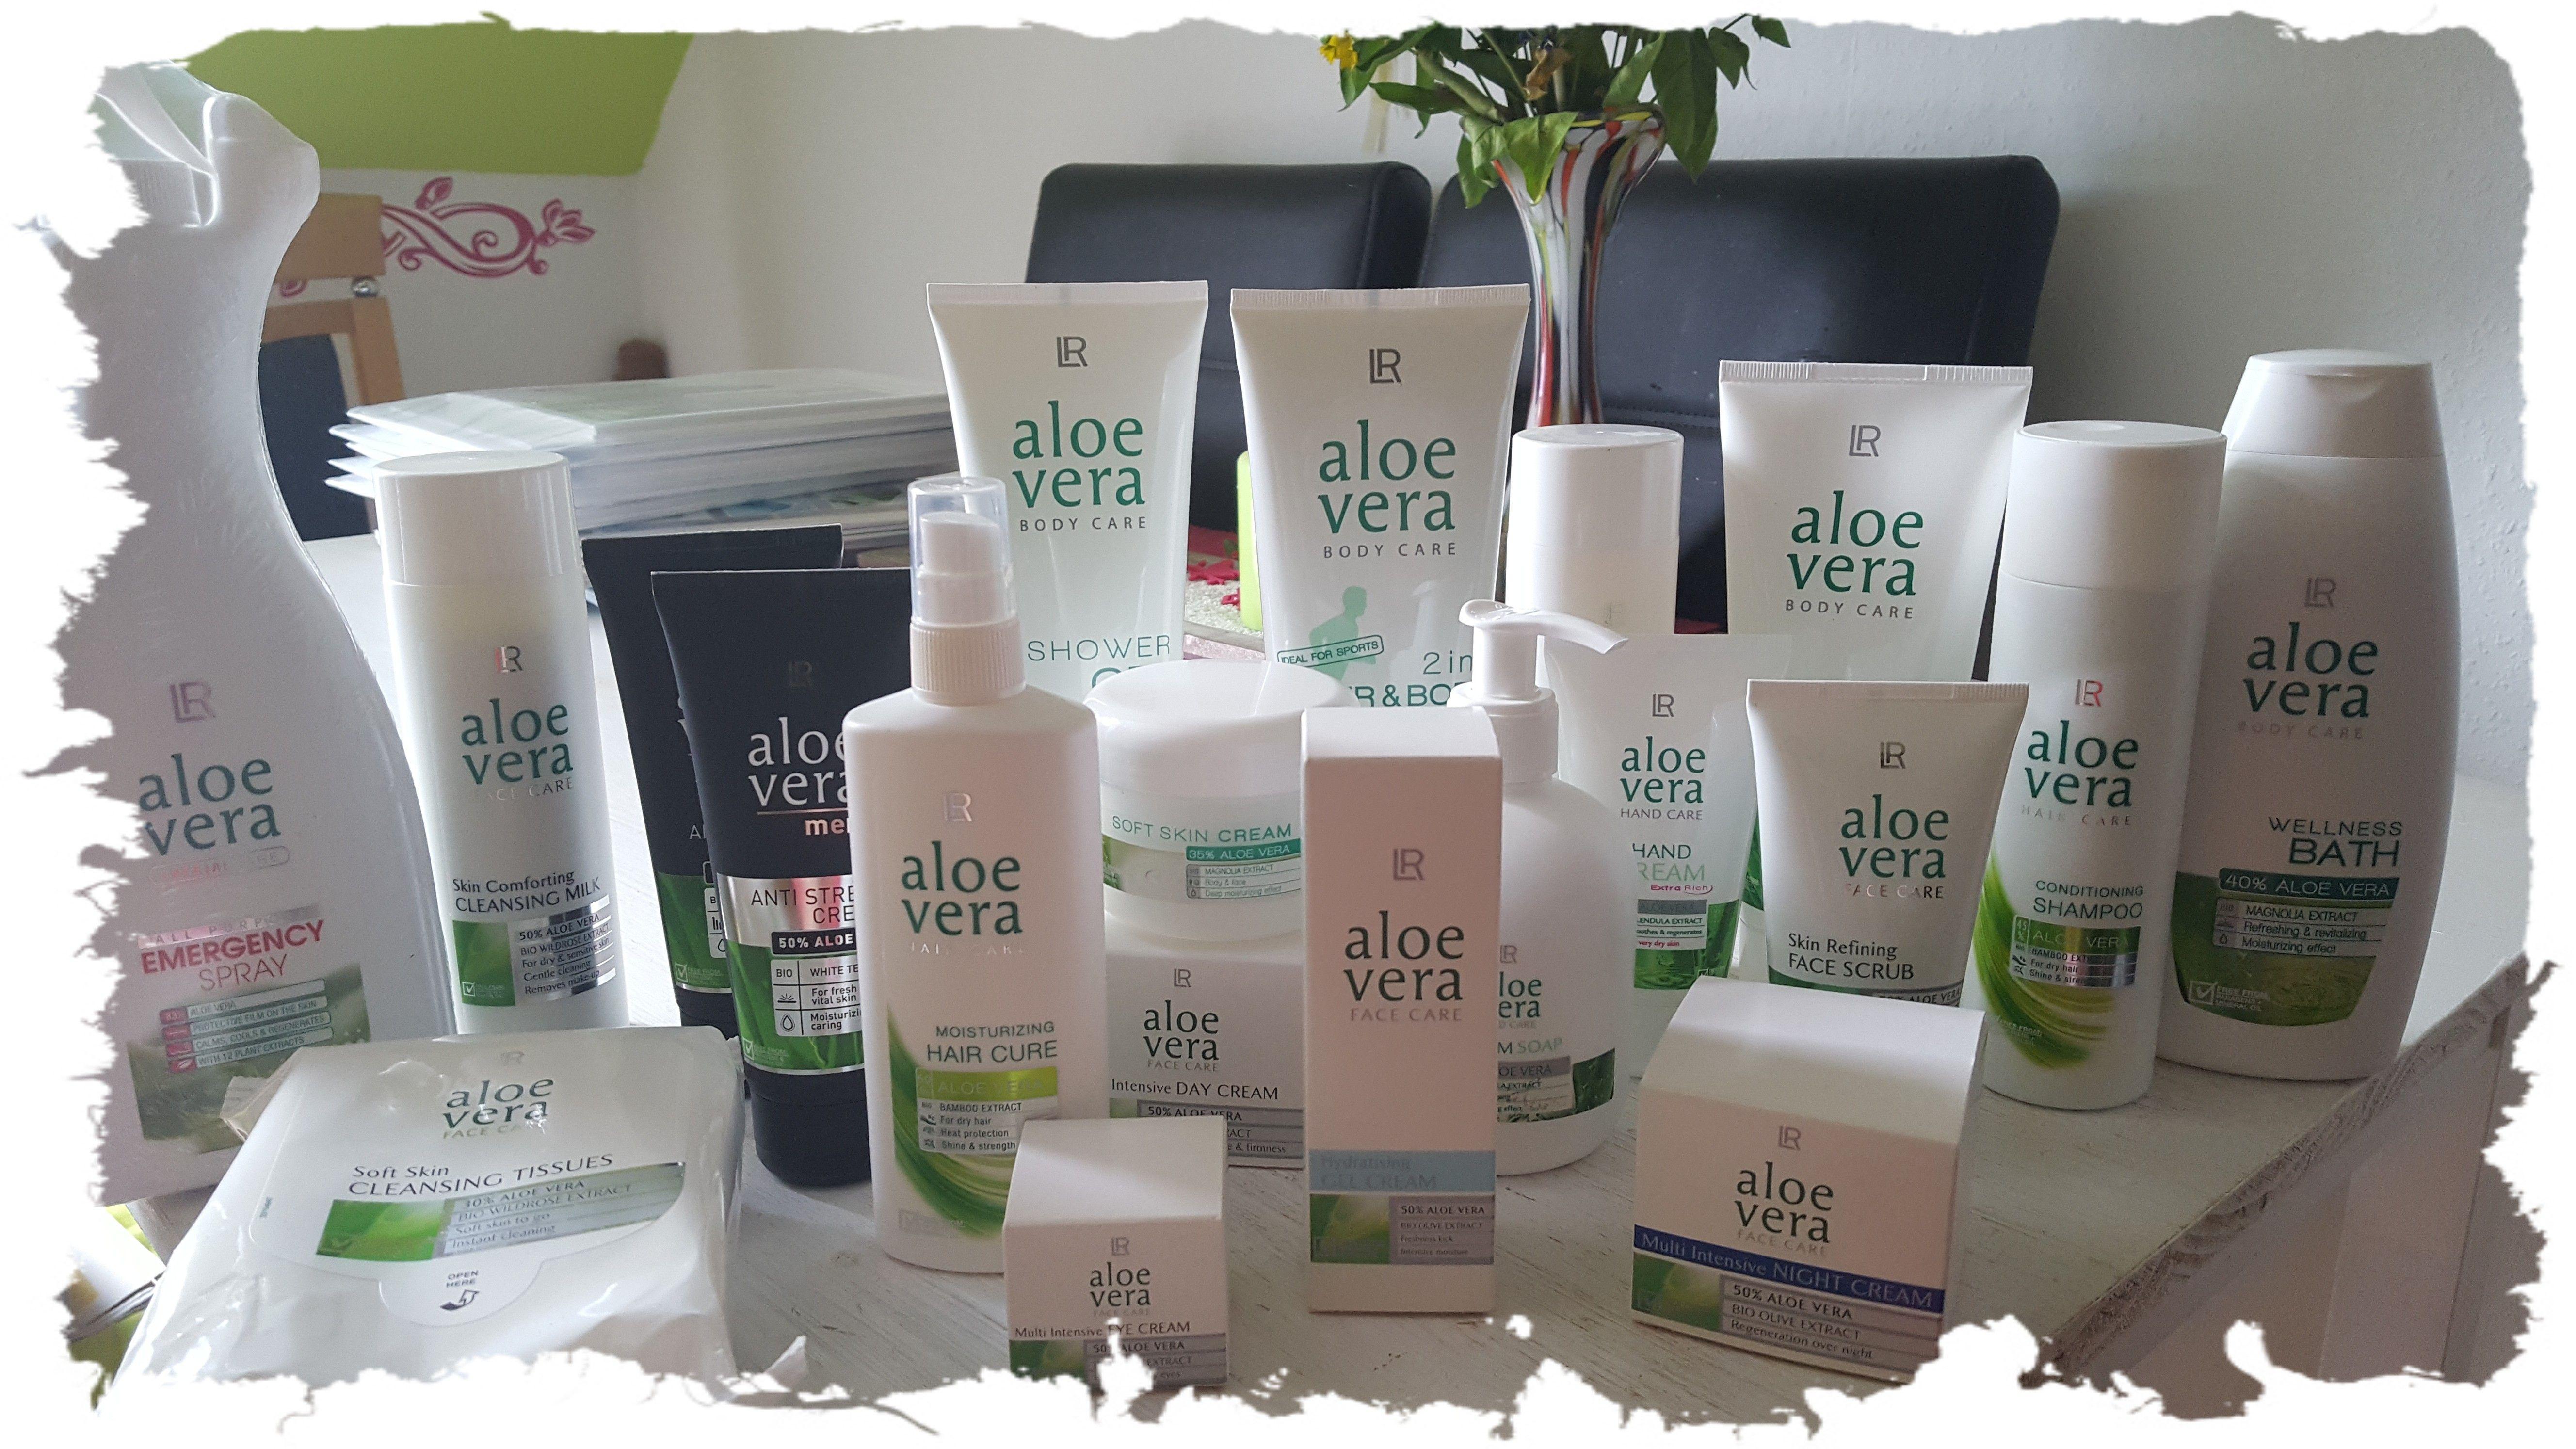 Da ist es - das ultimative Aloe Vera Paket. Von Wellnessbad bis Anti Stress Creme ist alles dabei. Besonders liebe ich ja das Face-Gel...